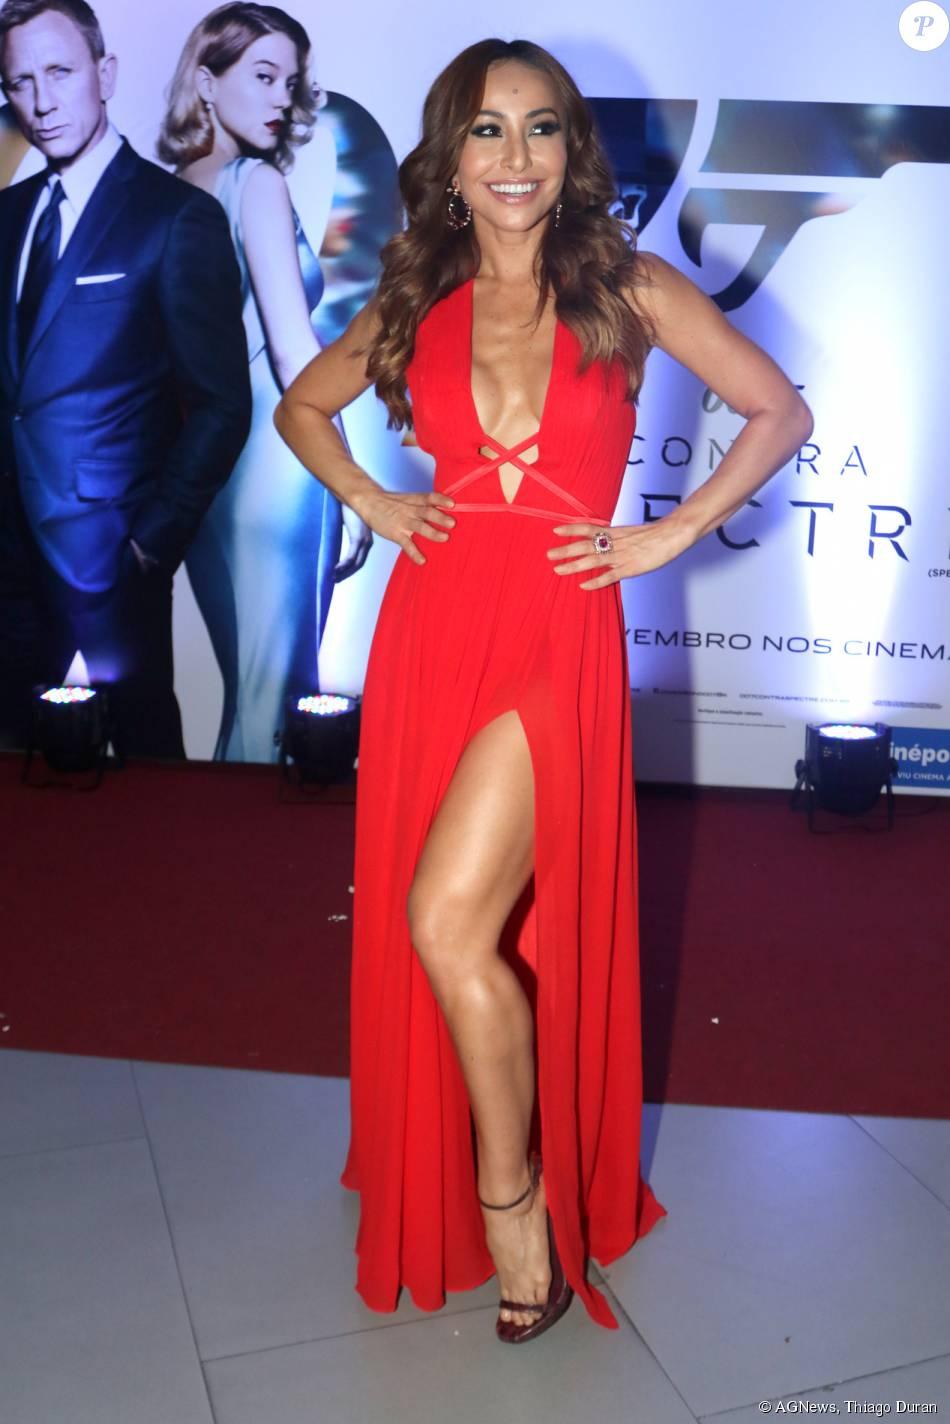 Sabrina Sato escolheu um longo vermelho fendado e decotadíssimo para a première do filme '007 Contra Spectre', em São Paulo, nesta quarta-feira, 4 de novembro de 2015